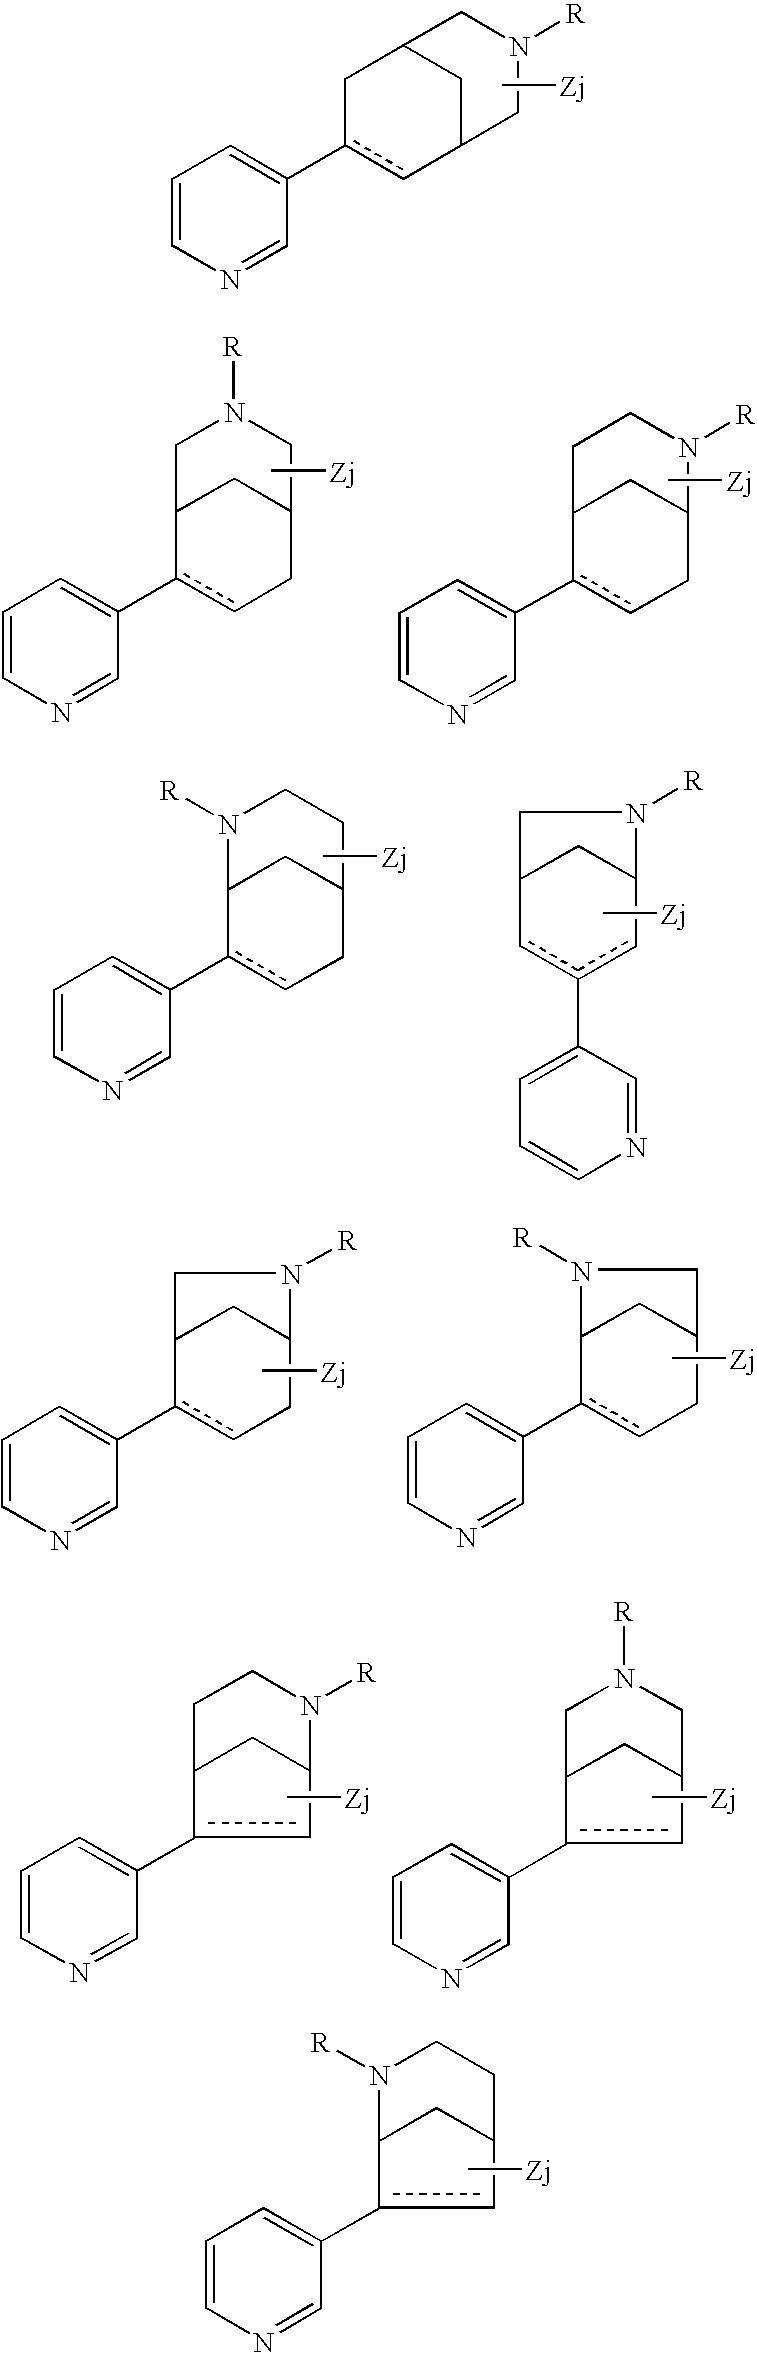 Figure US20050282823A1-20051222-C00019